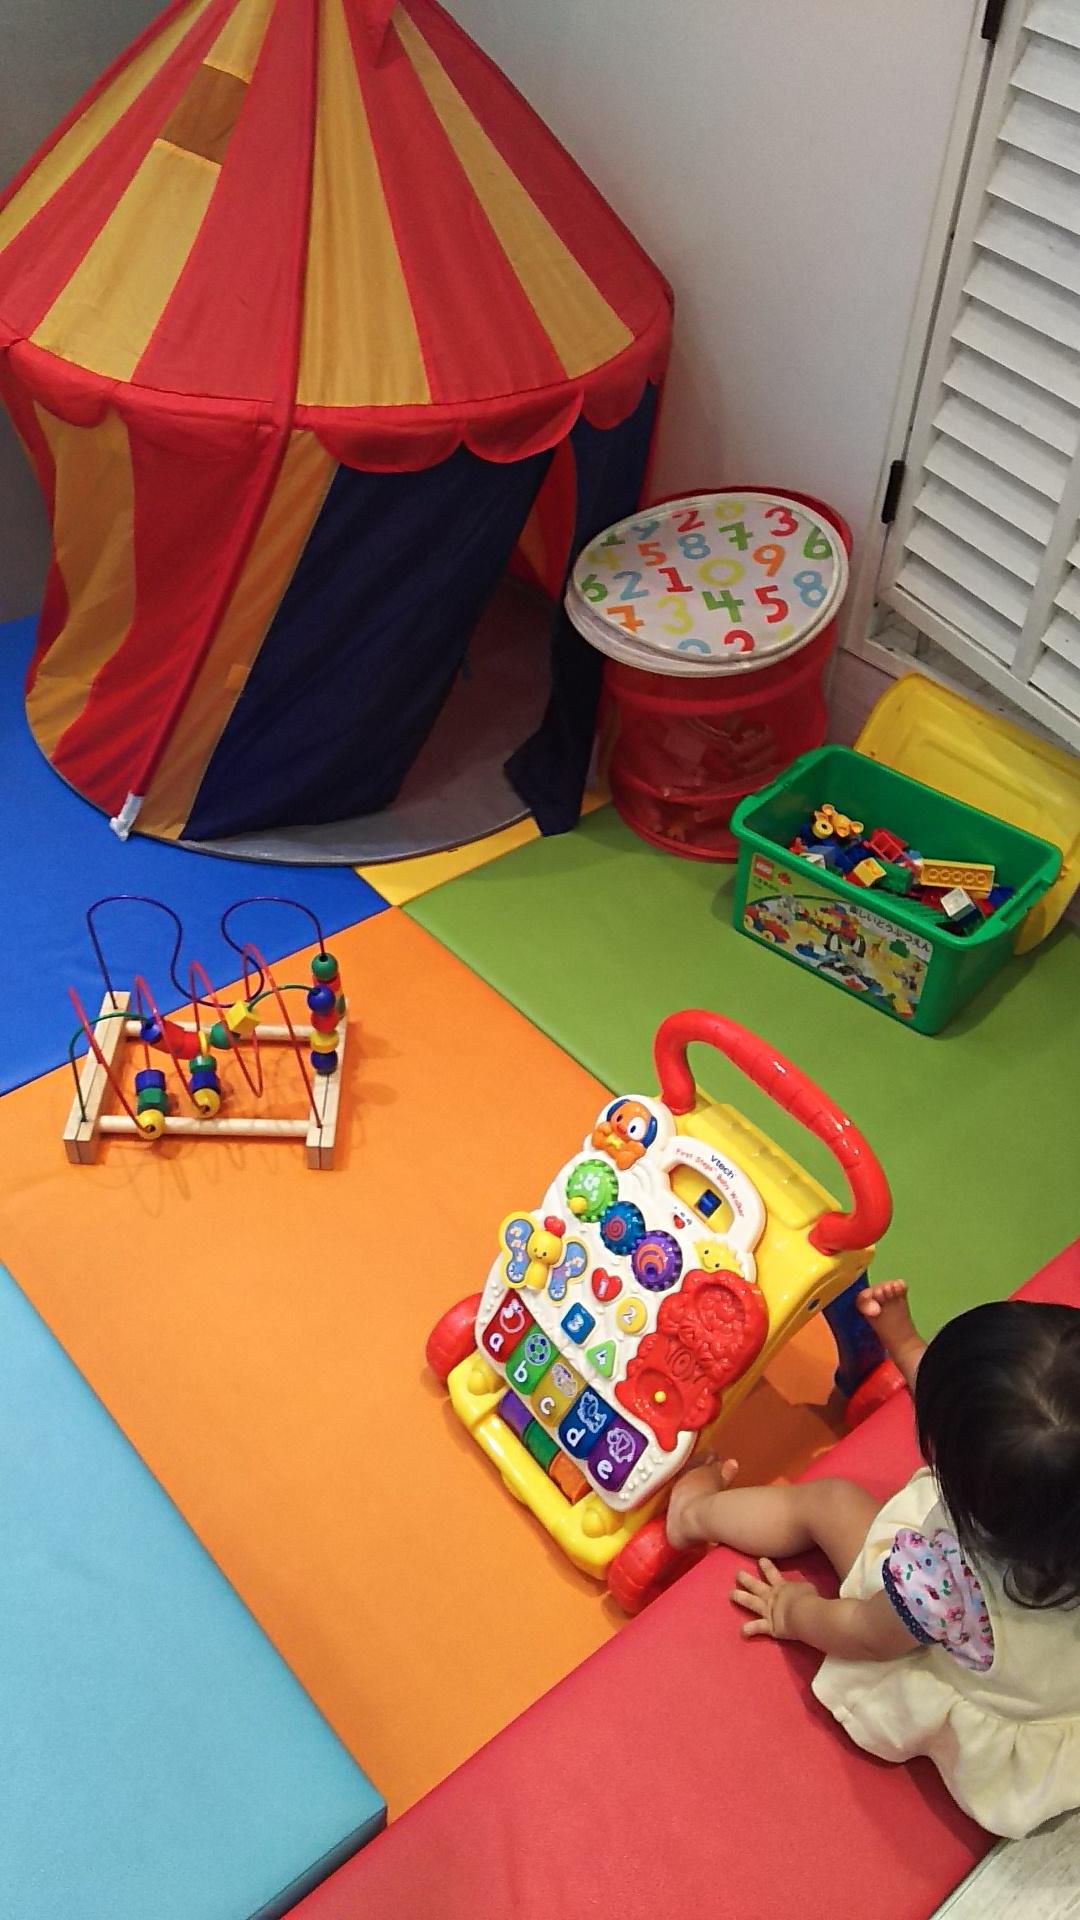 プレイコーナーのあるカフェ「ミル」。親子でヘアカットもできる@吉祥寺